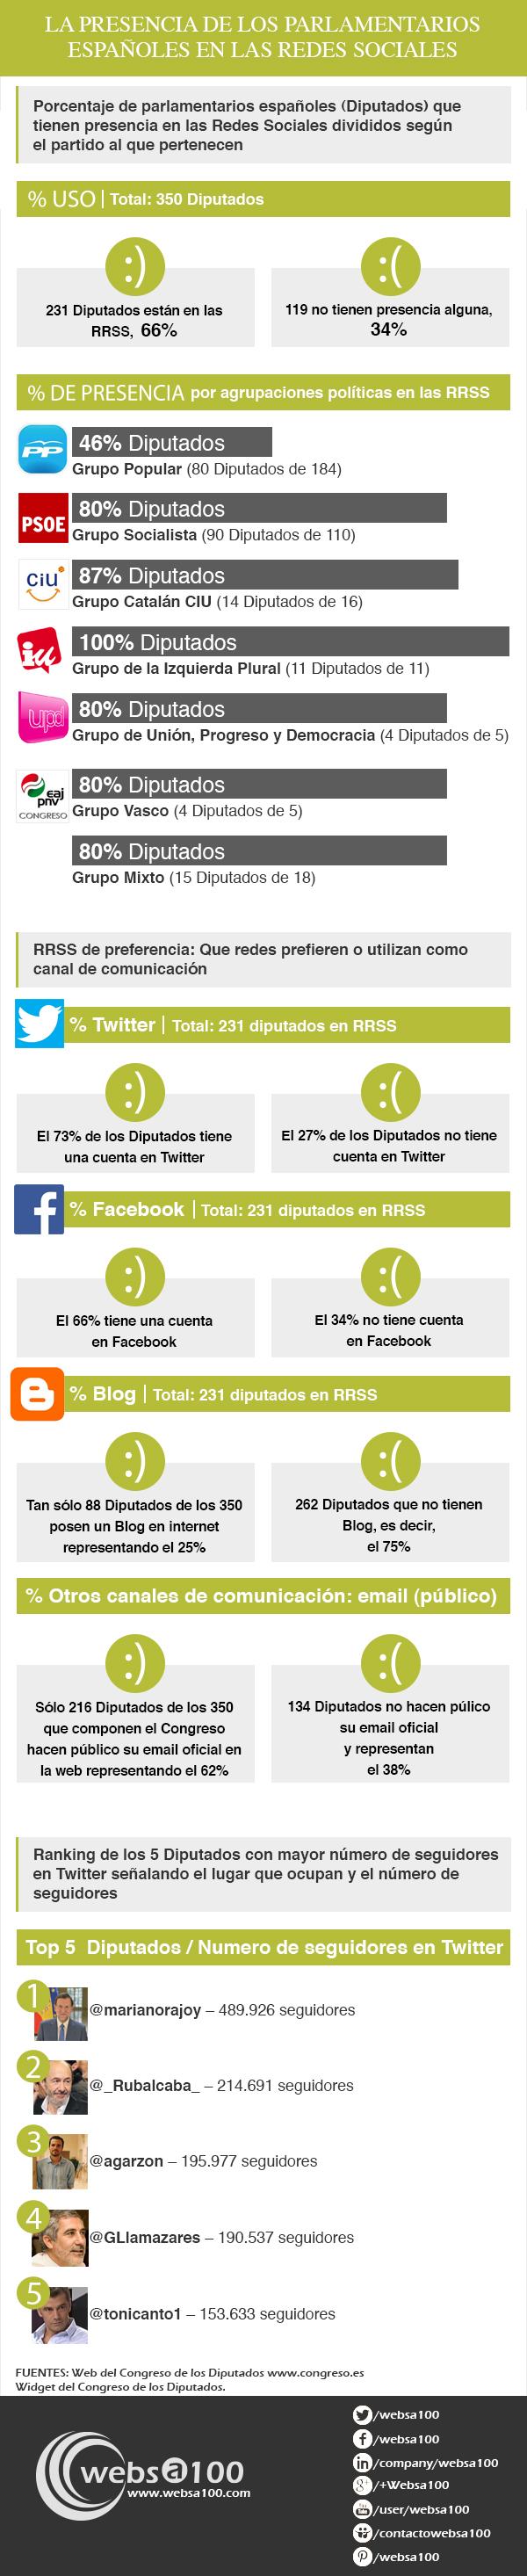 Diputados españoles en Redes Sociales